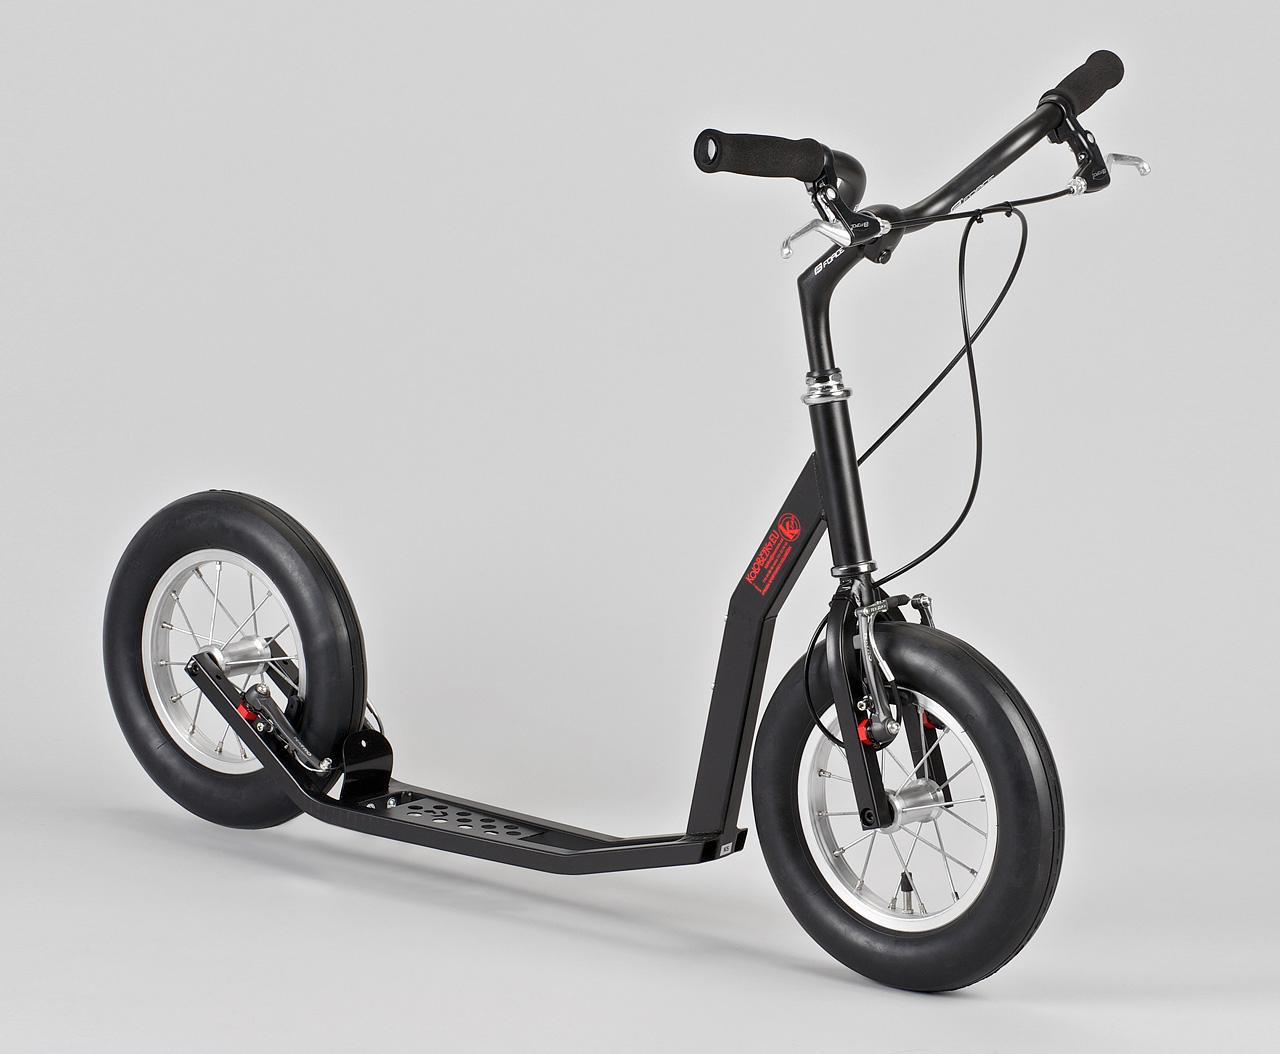 По умолчанию K-bike черный и с поролоновыми грипсами, но тюнинг его значительно преображает.